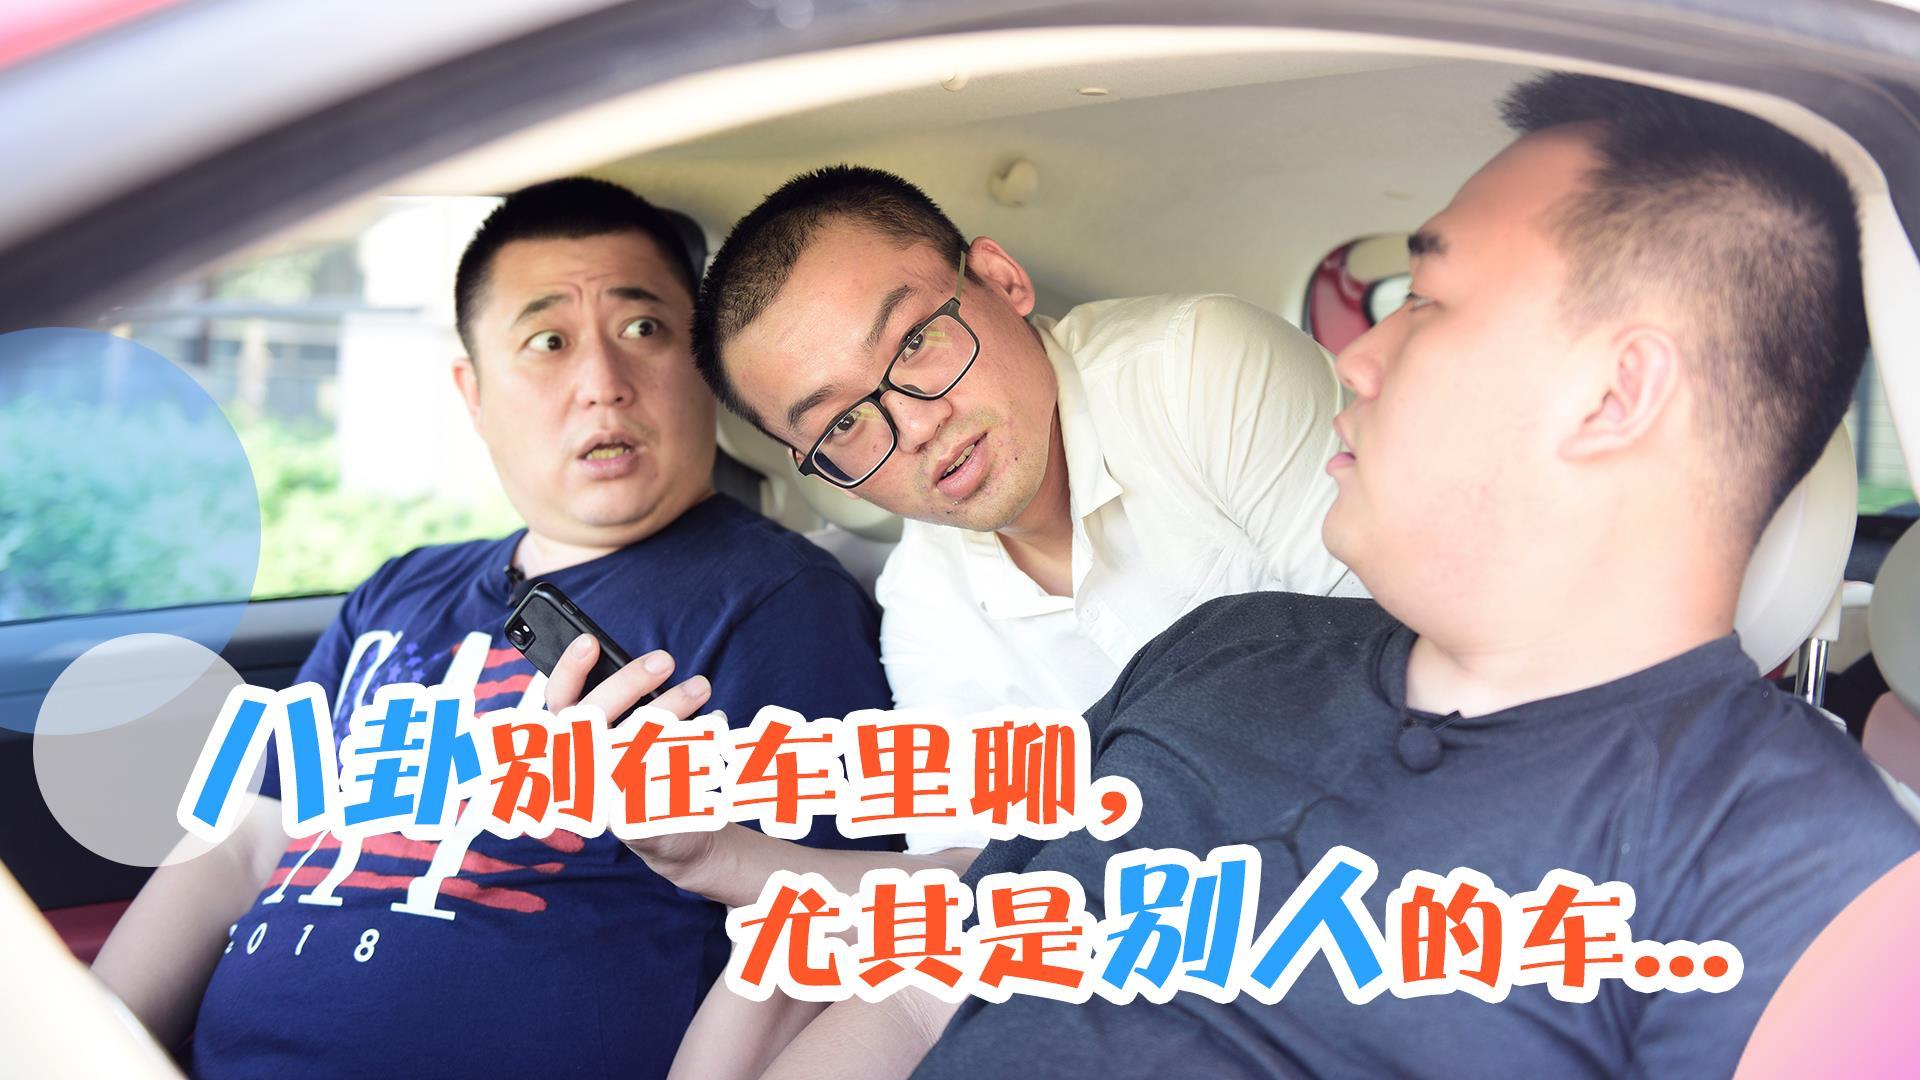 八卦别在车里聊,尤其是别人的车...